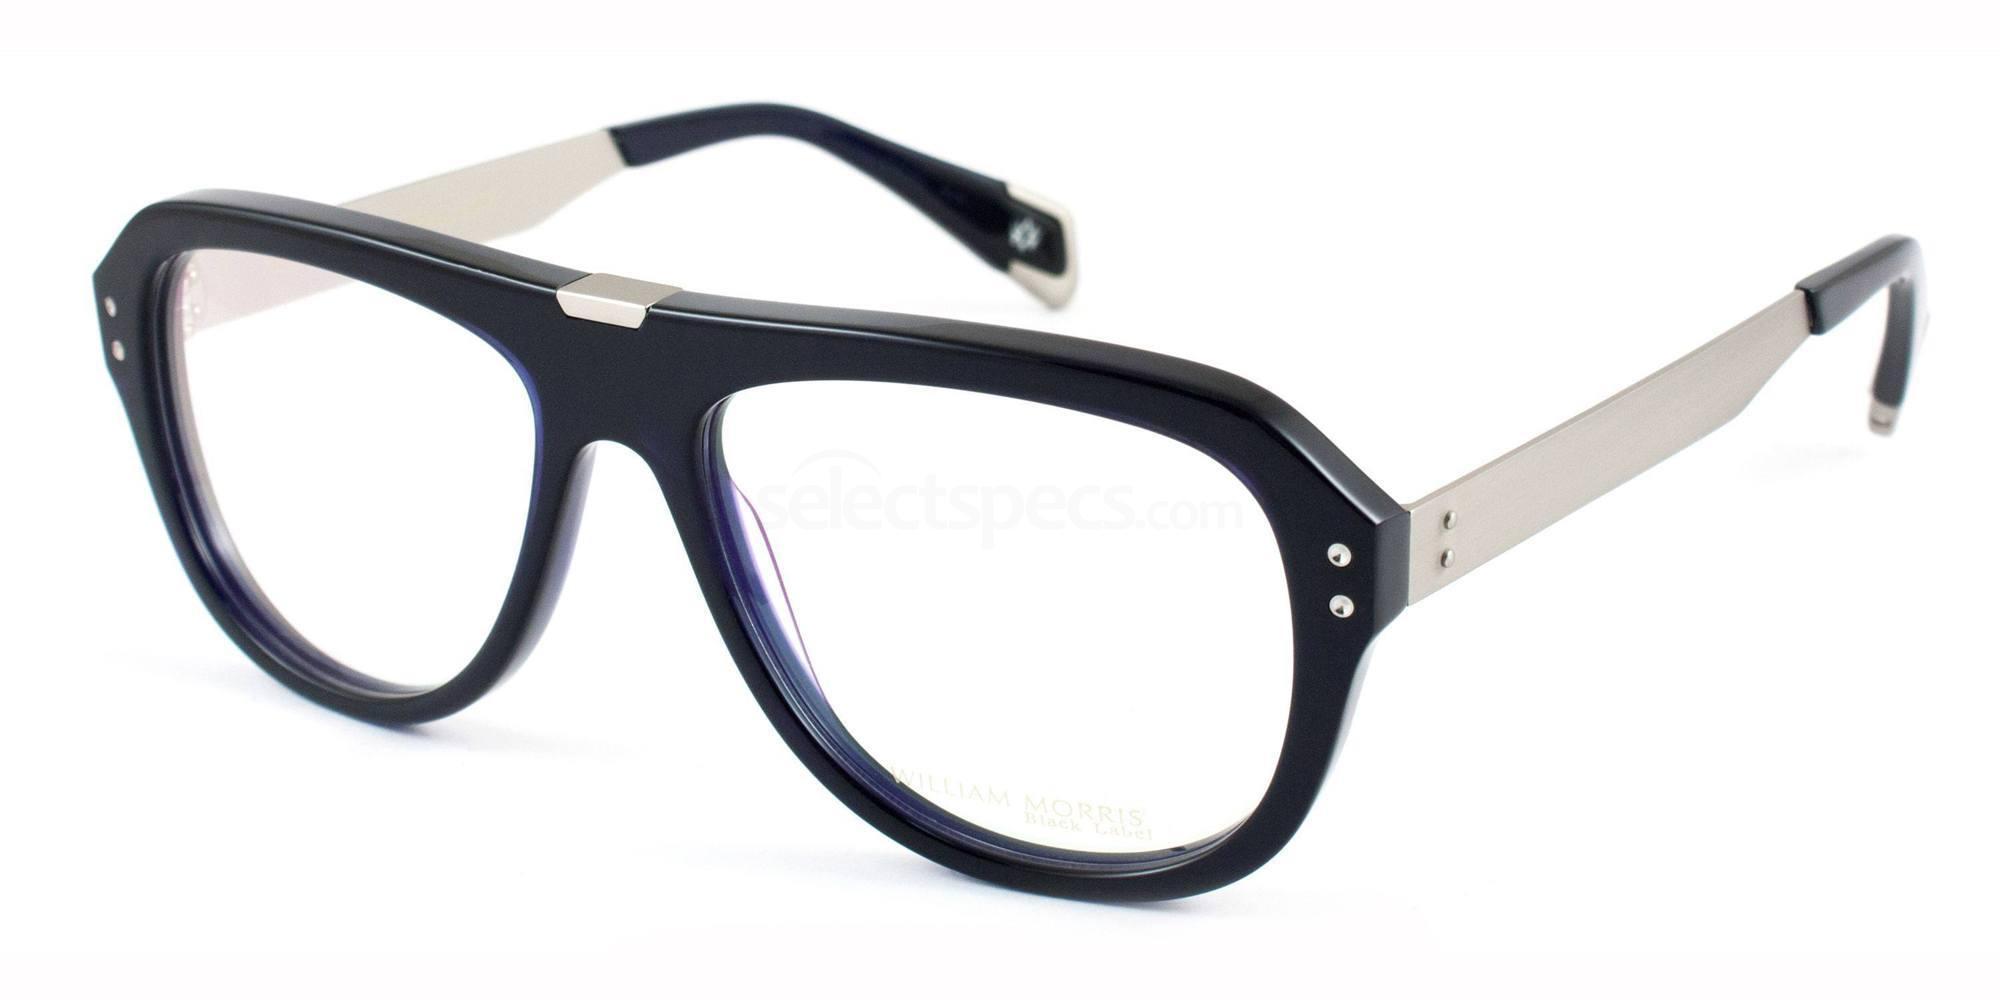 C4 BL105M Glasses, William Morris Black Label